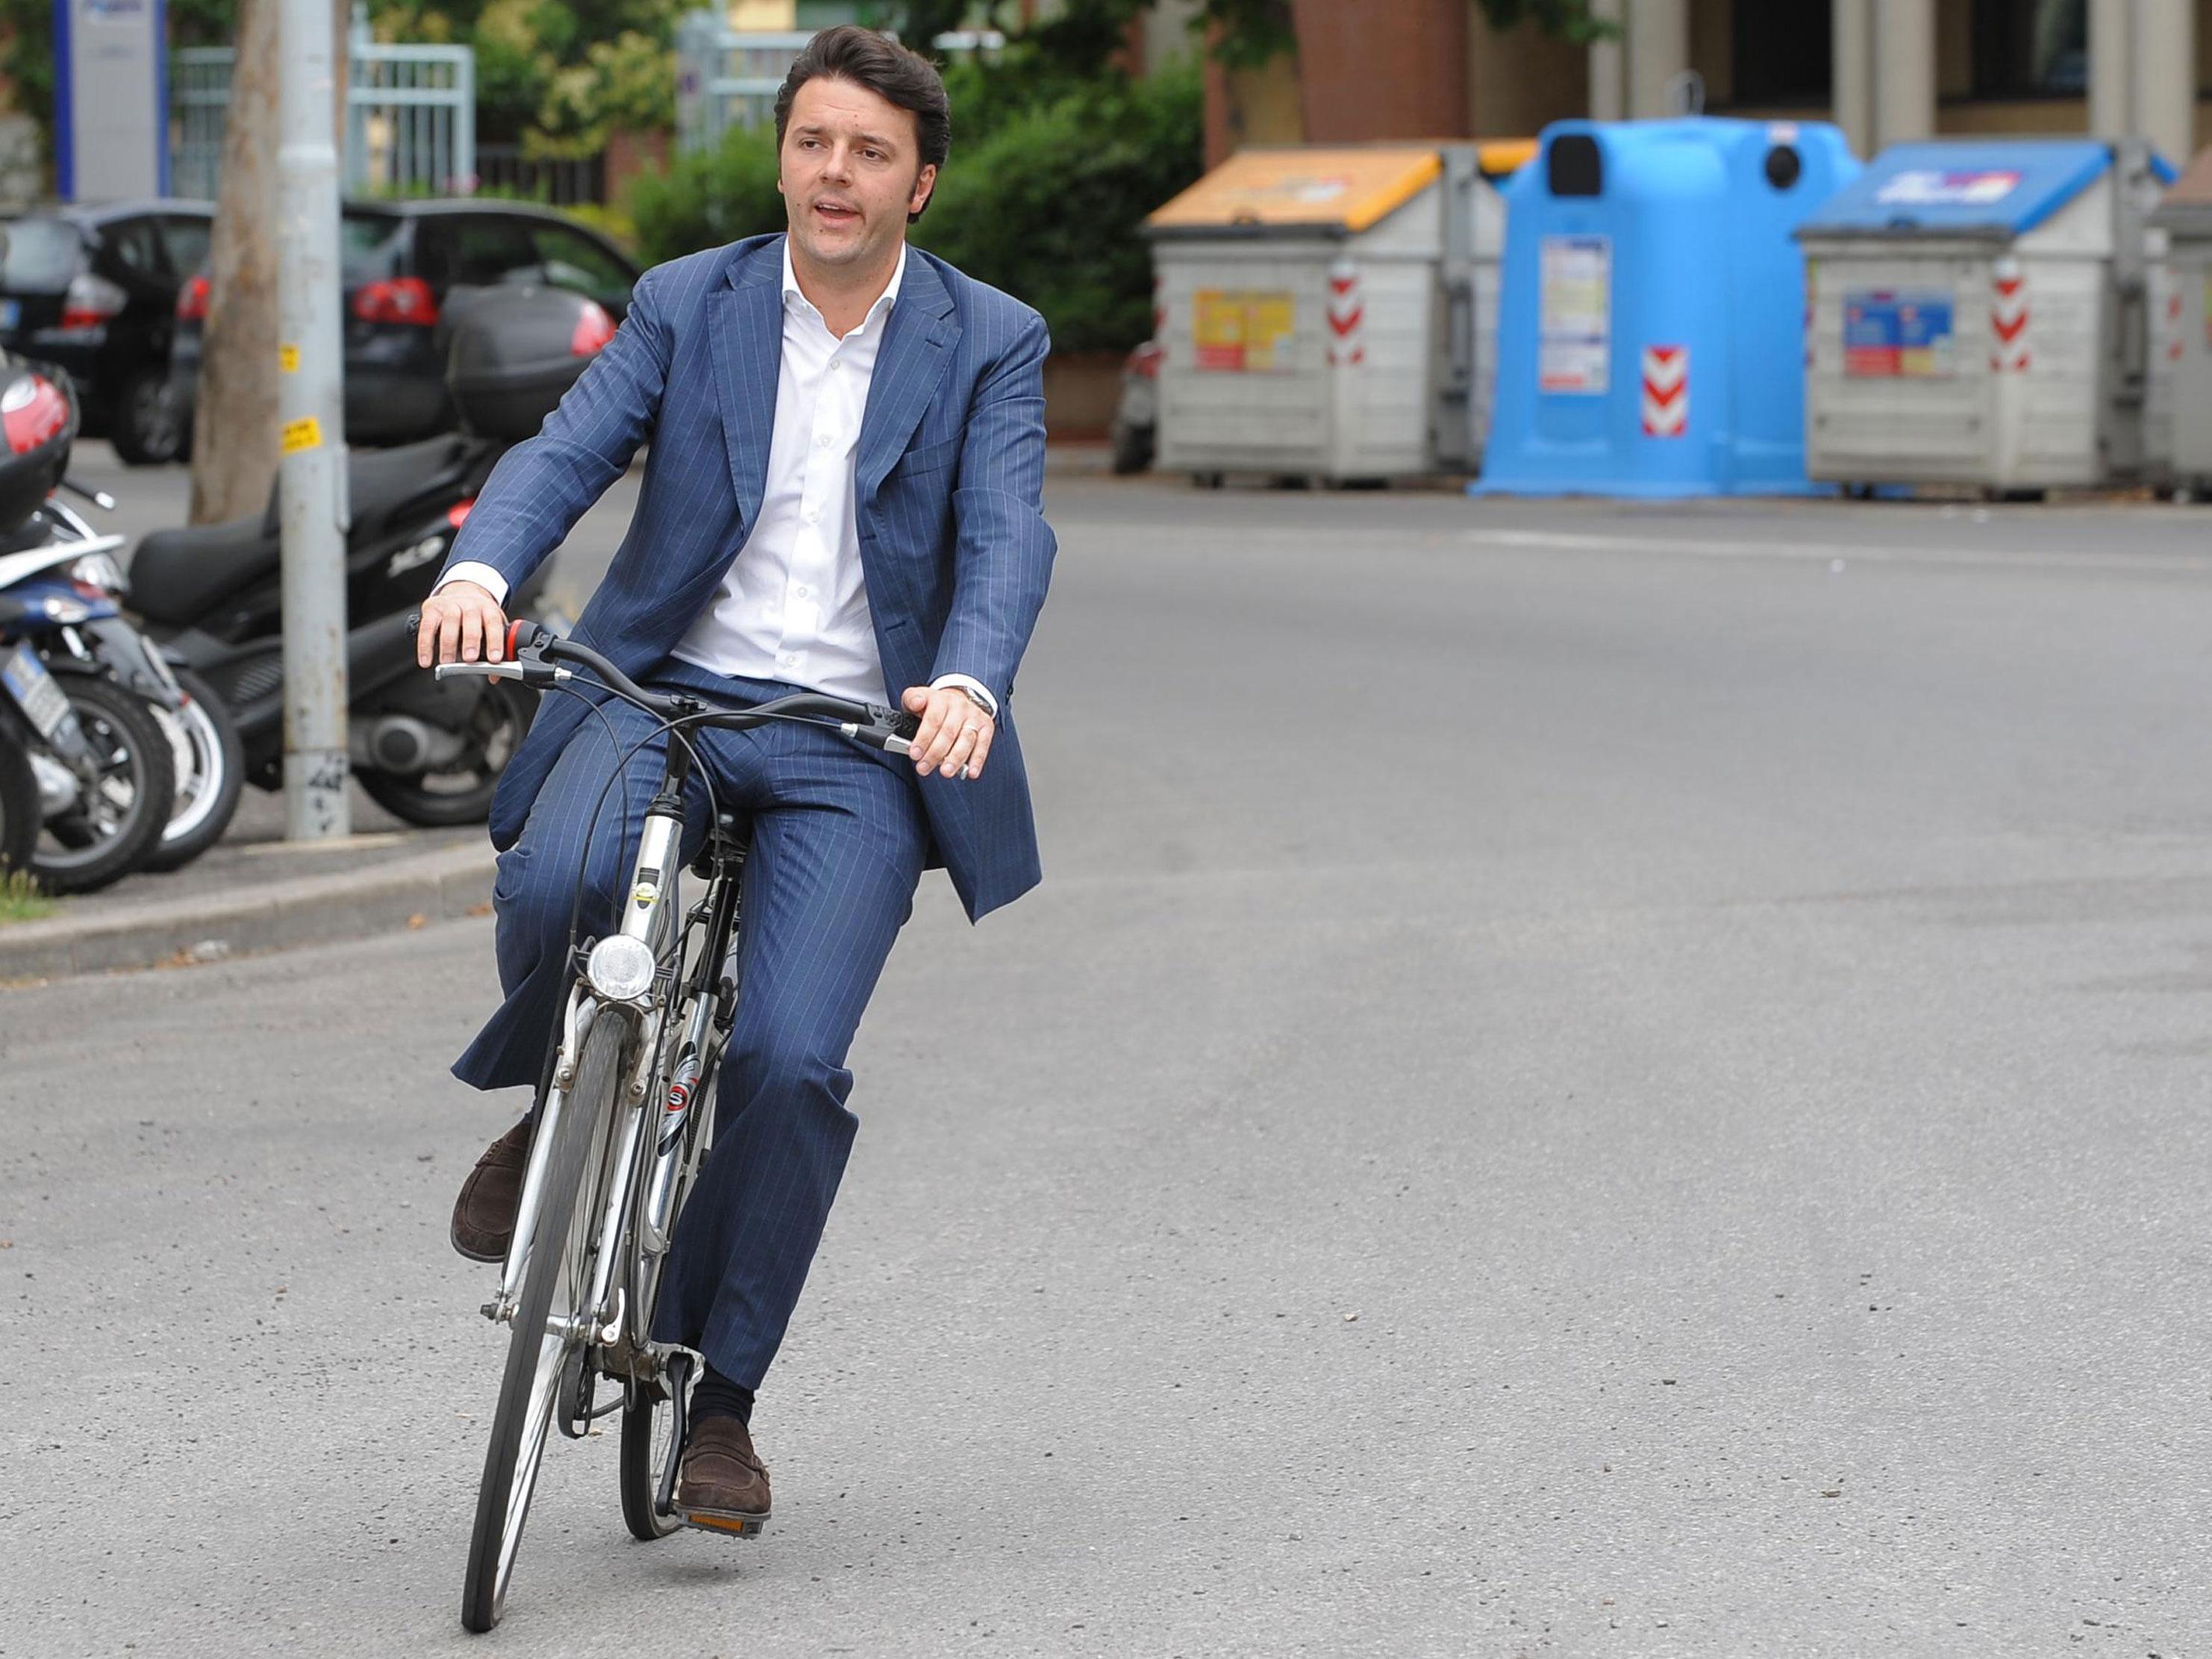 Сам Ренци, будучи мэром Флоренции, ездил на работу на велосипеде.